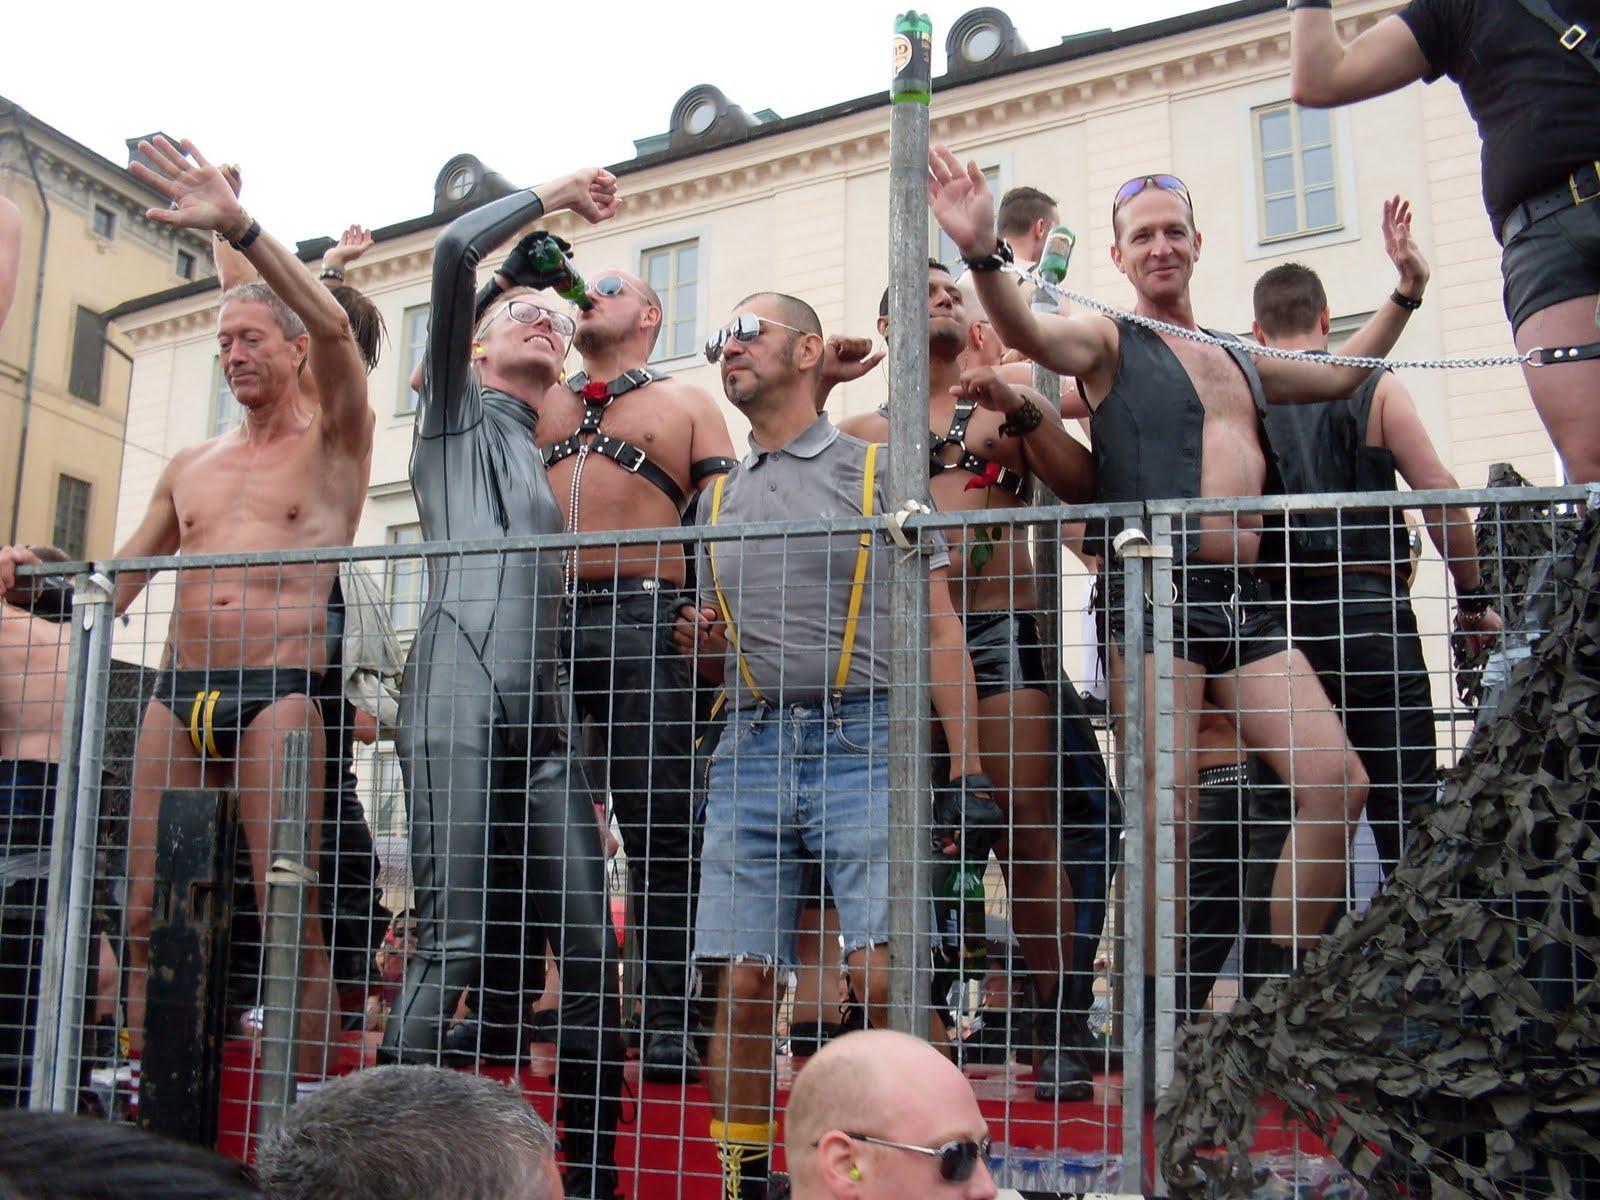 fest putsa naken i Stockholm